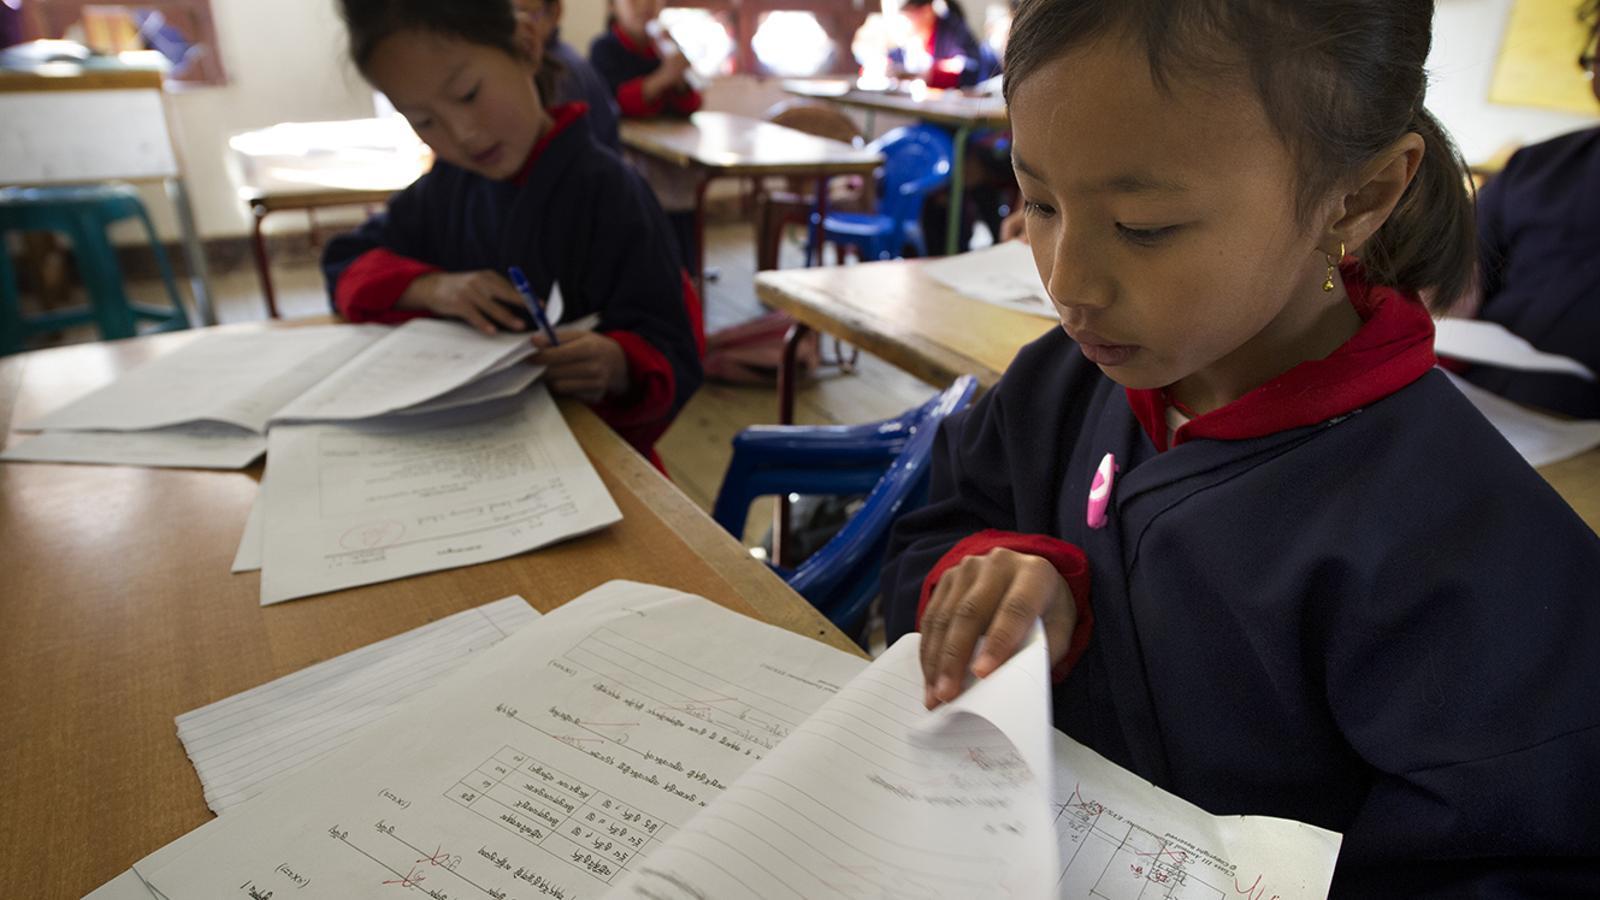 Els diners donats serviran per ajudar als infants de Bhutan. / Unicef